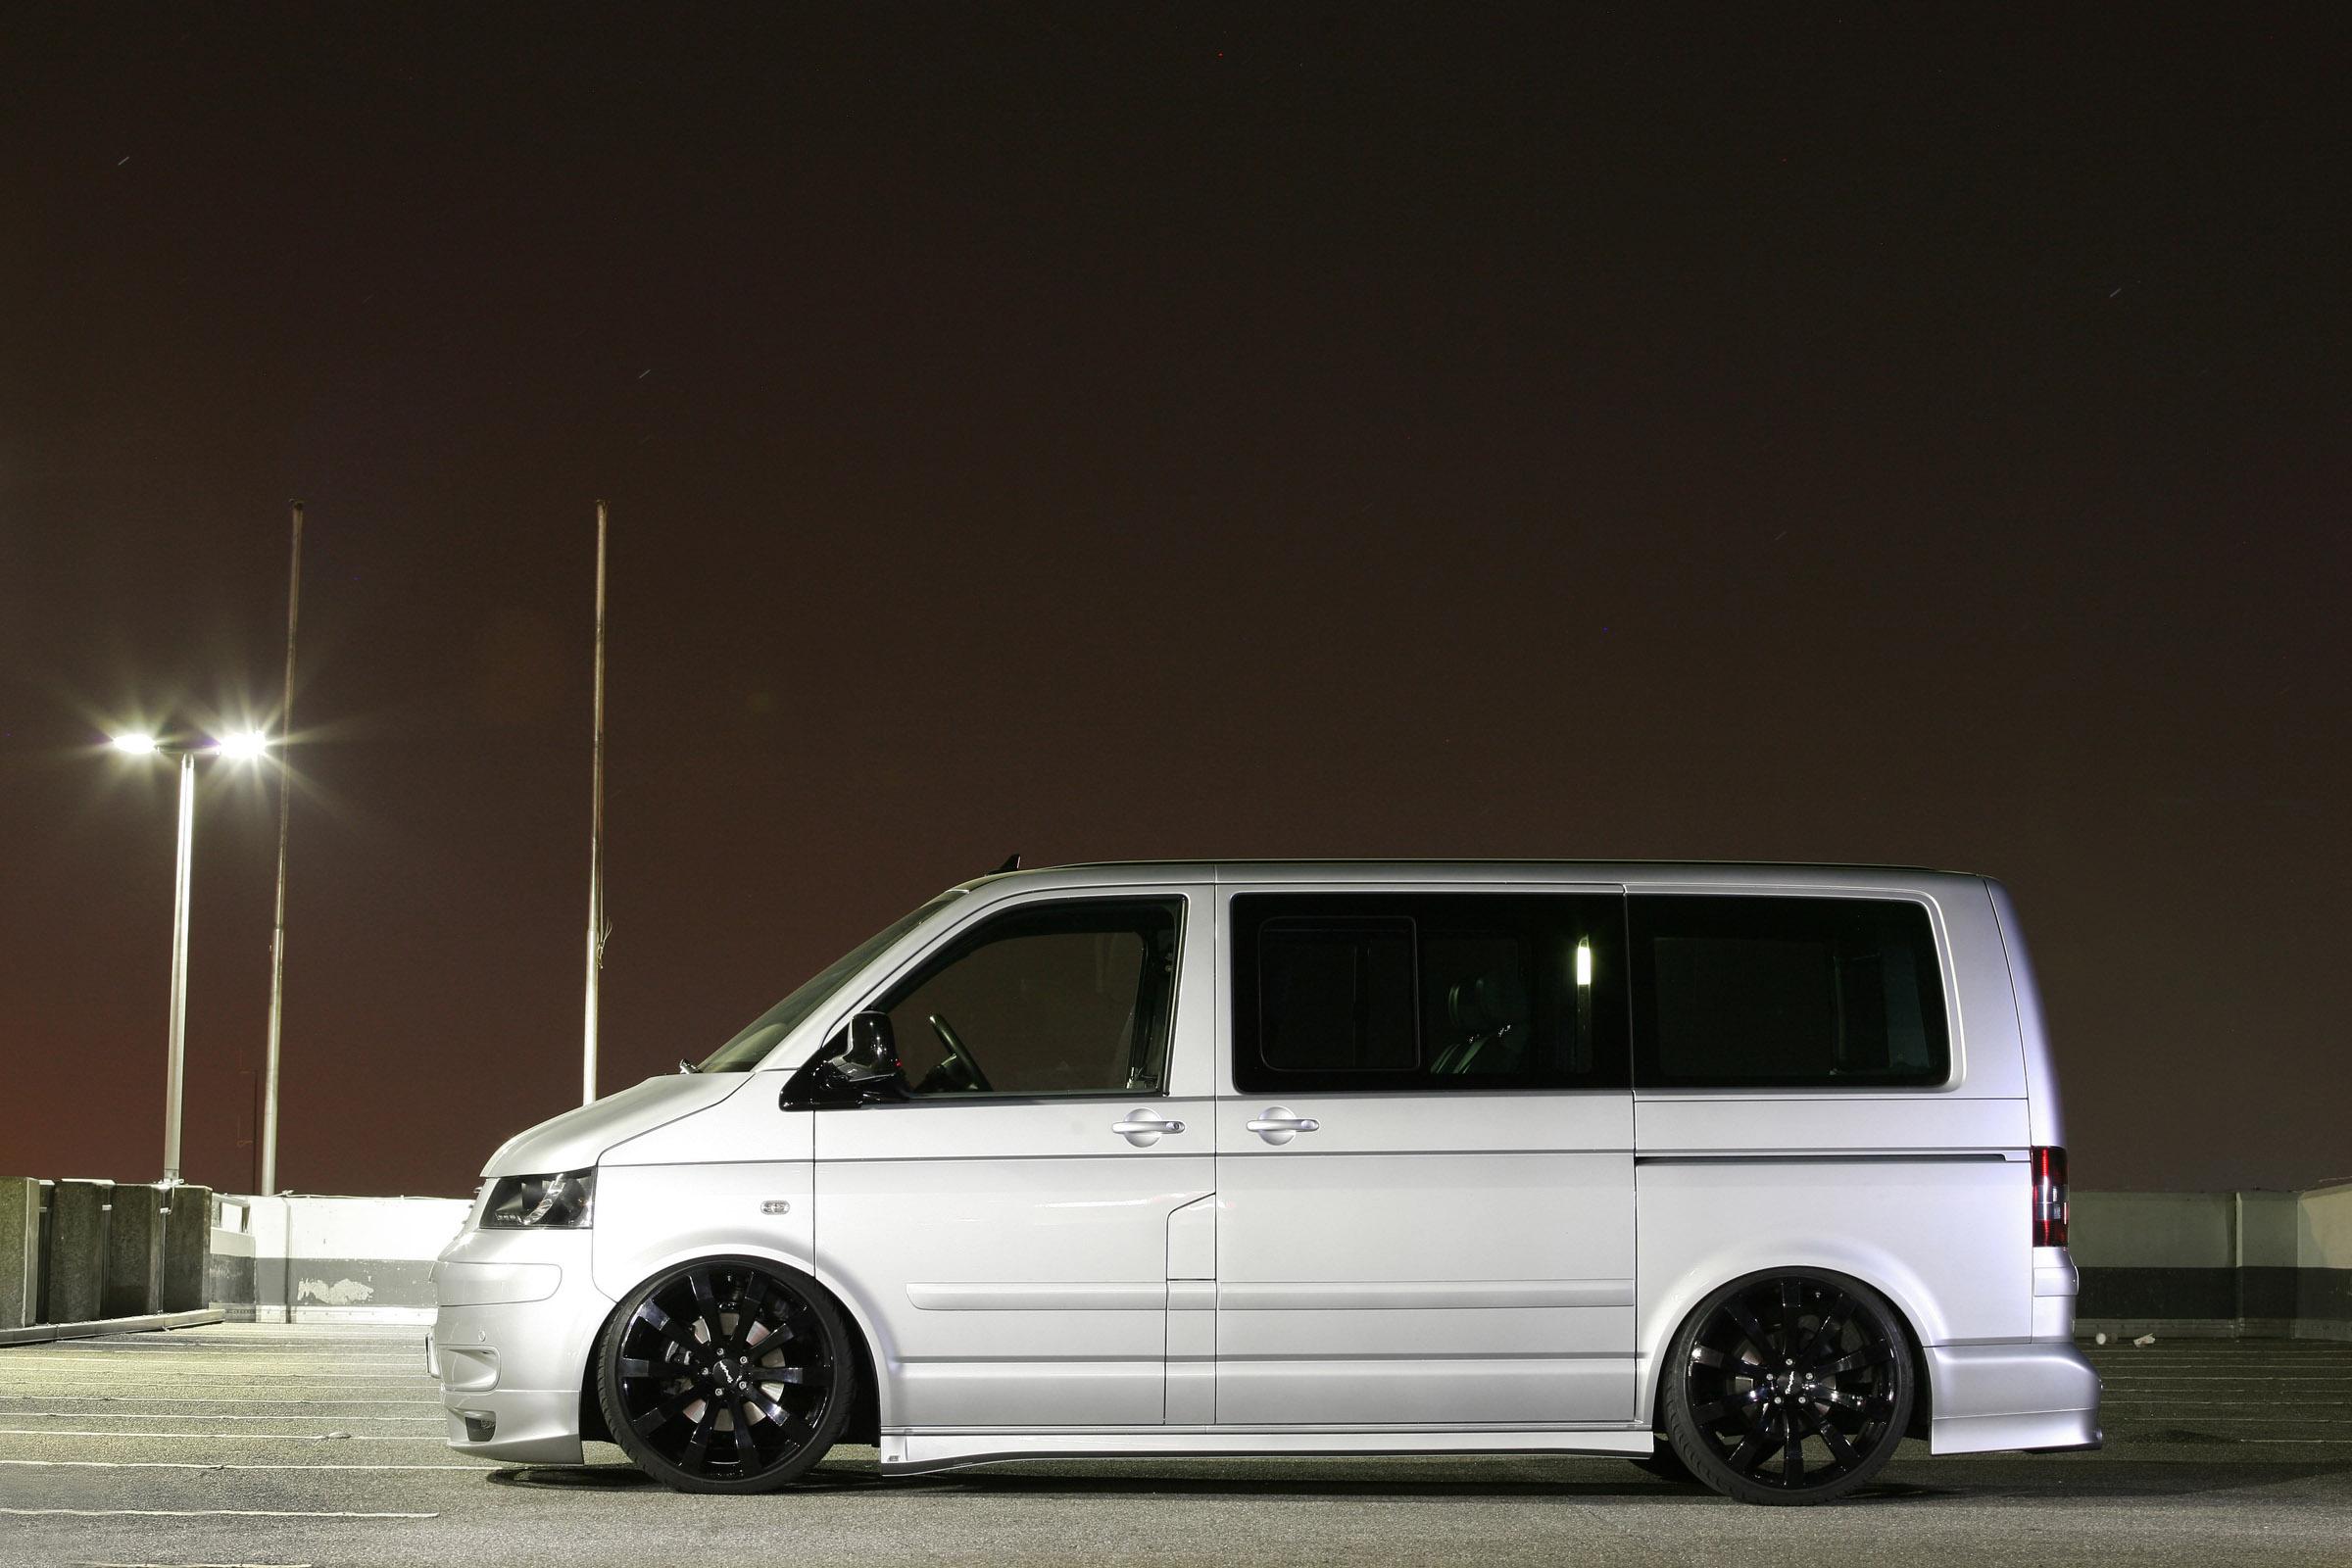 2011 mr car design v w t 5 transporter volkswagon tuning r wallpaper 2400x1600 85729. Black Bedroom Furniture Sets. Home Design Ideas